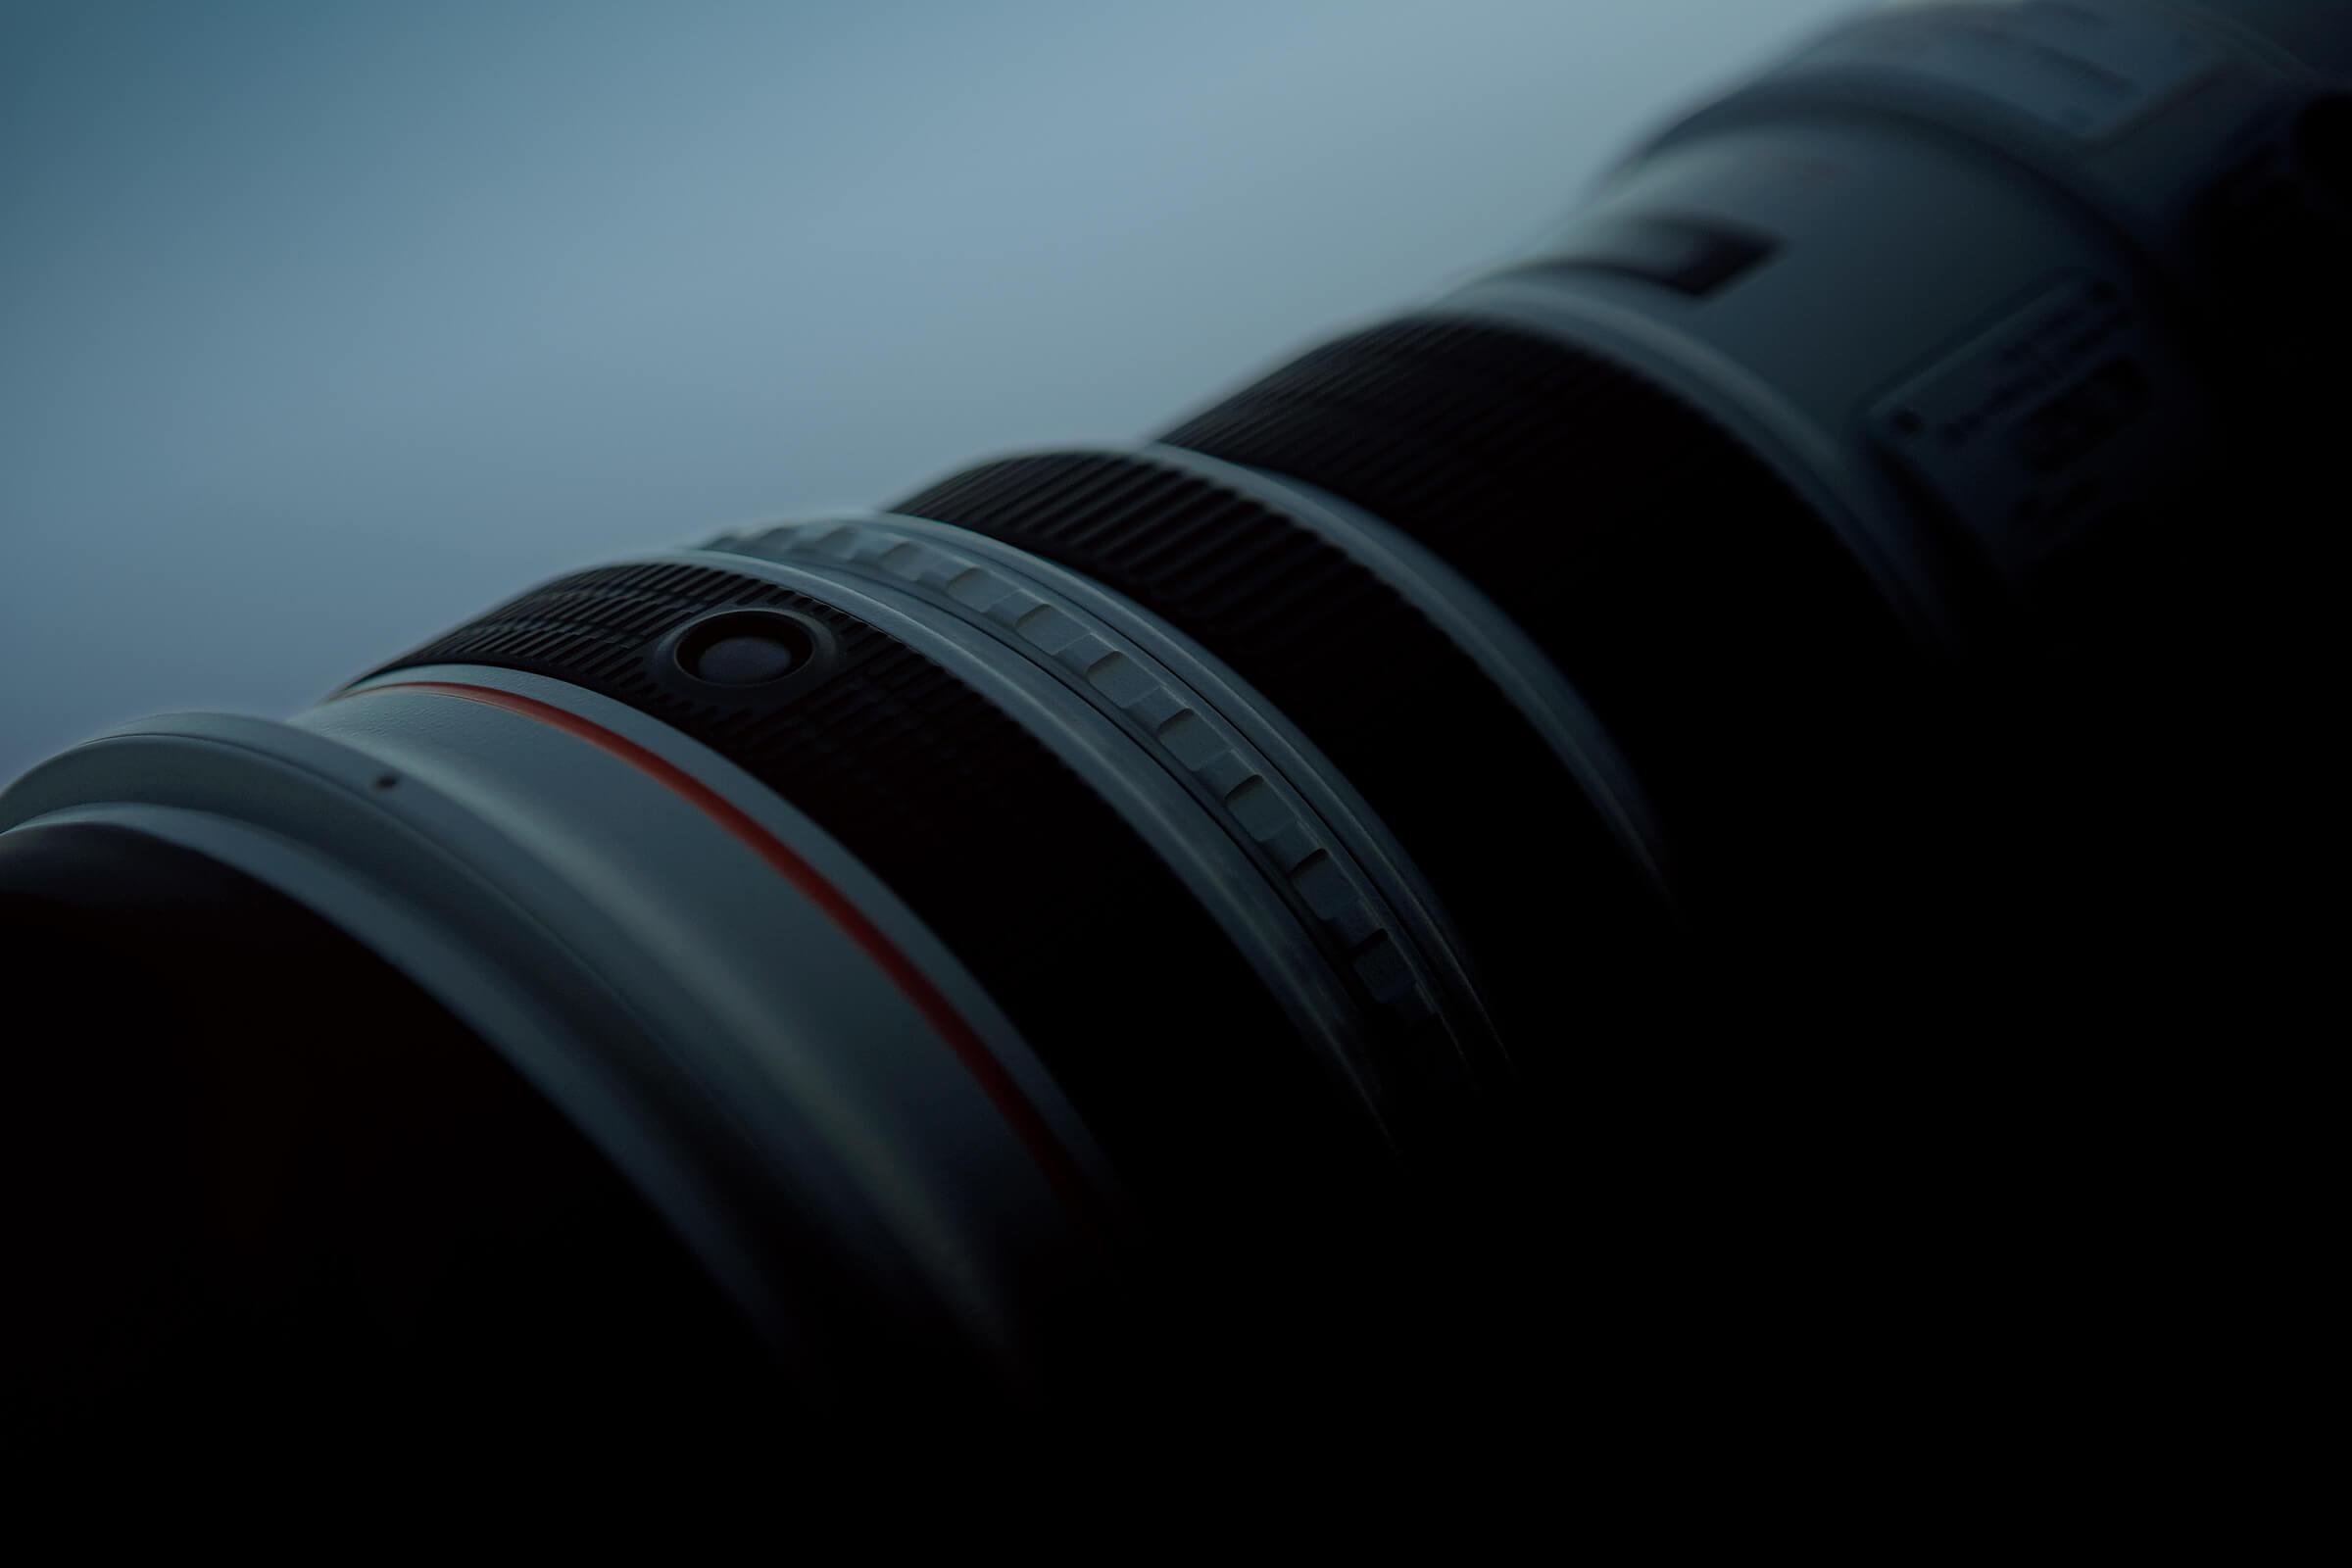 Canon RF 85mm f / 1.2L USM, Lensa Pro Terbaik